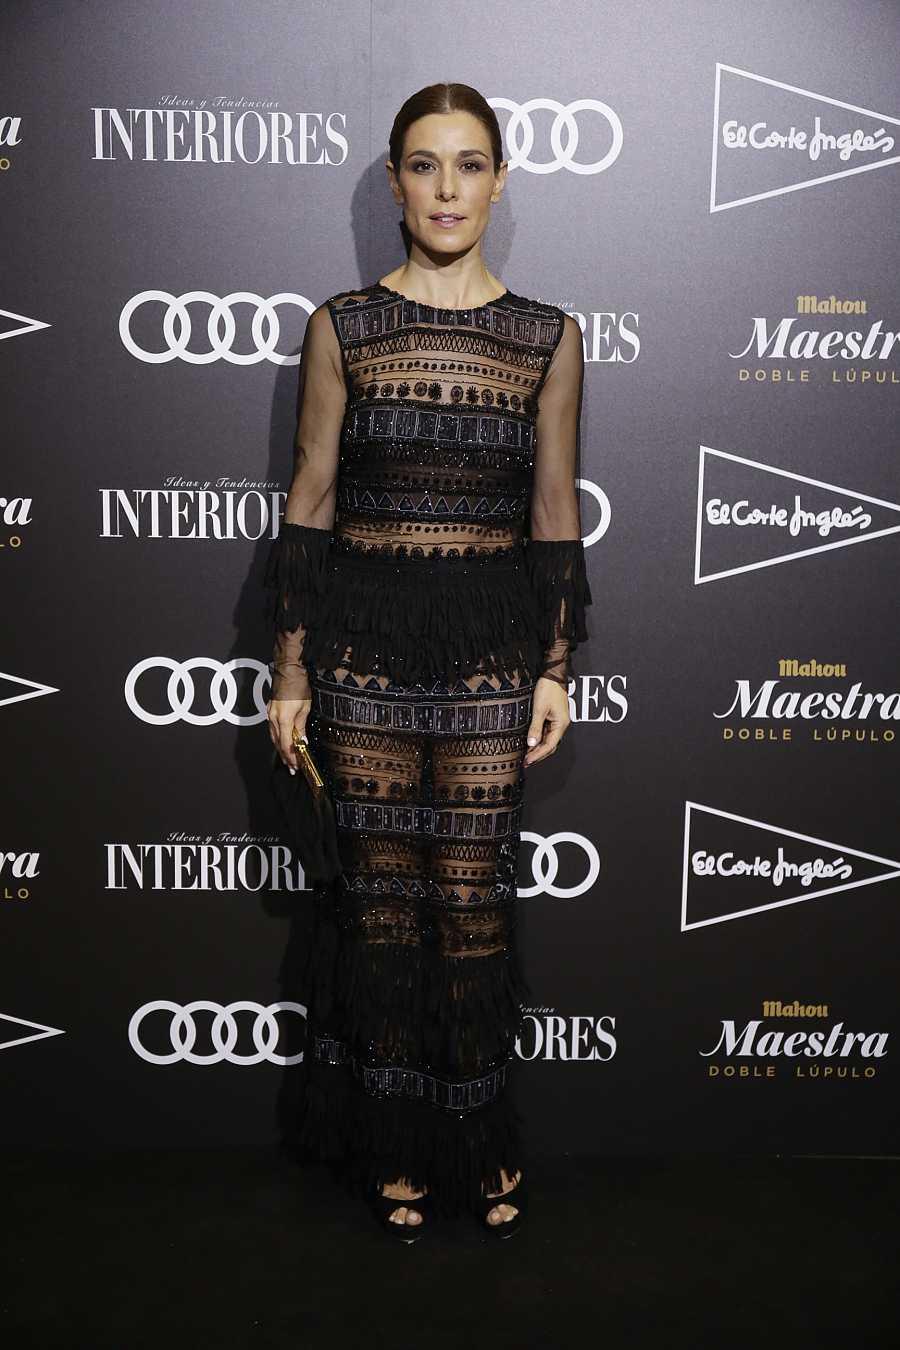 La presentadora Raquel Sánchez Silva durante la 3 edición de los premios interiores prisma 2017 en Madrid 26/10/2017